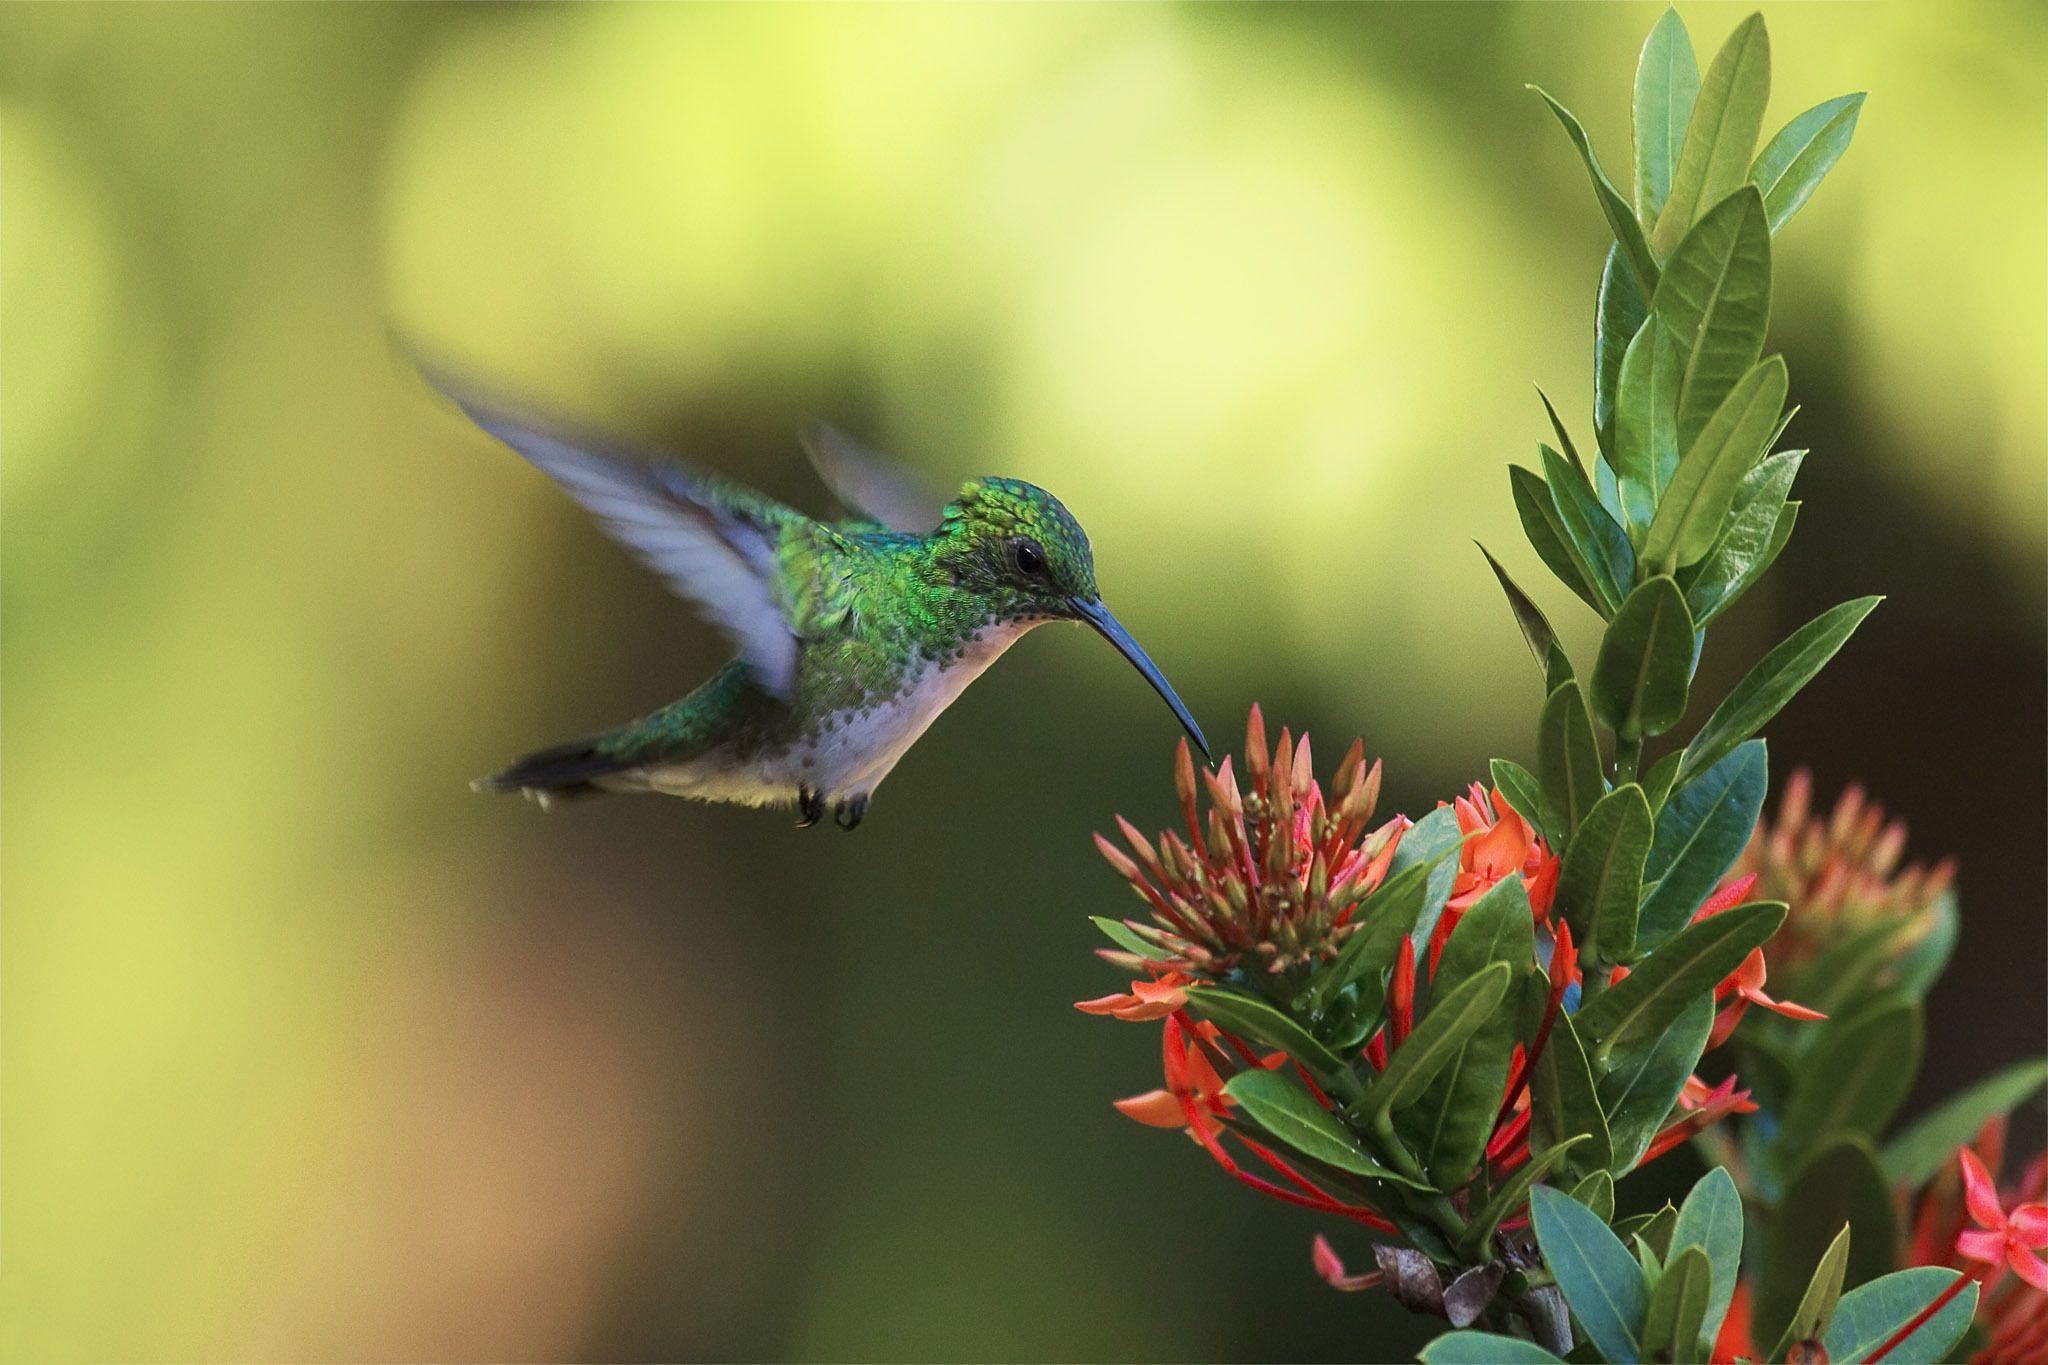 Animaux Colibri Humming Bird Floraison Fleur Oiseau Fond D